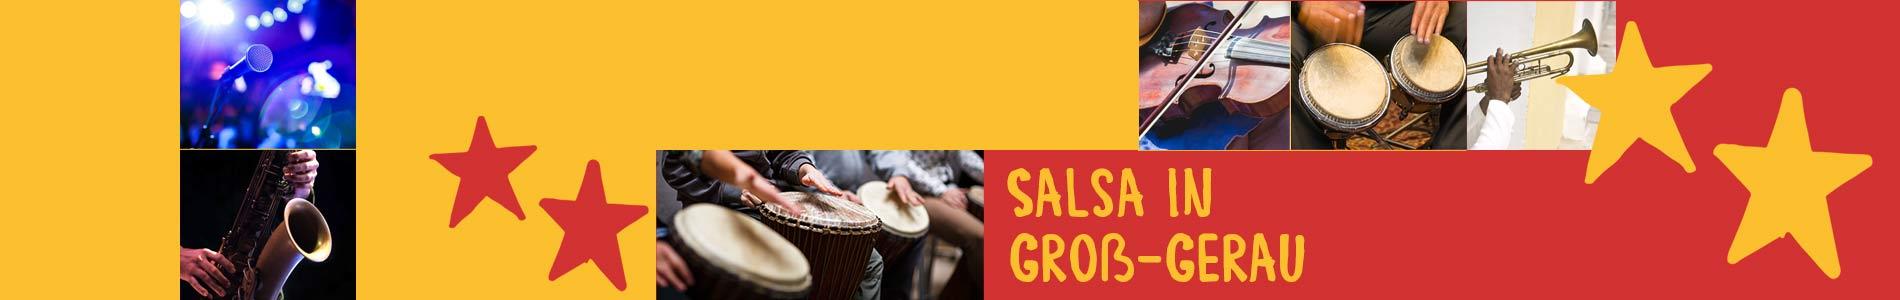 Salsa in Groß-Gerau – Salsa lernen und tanzen, Tanzkurse, Partys, Veranstaltungen